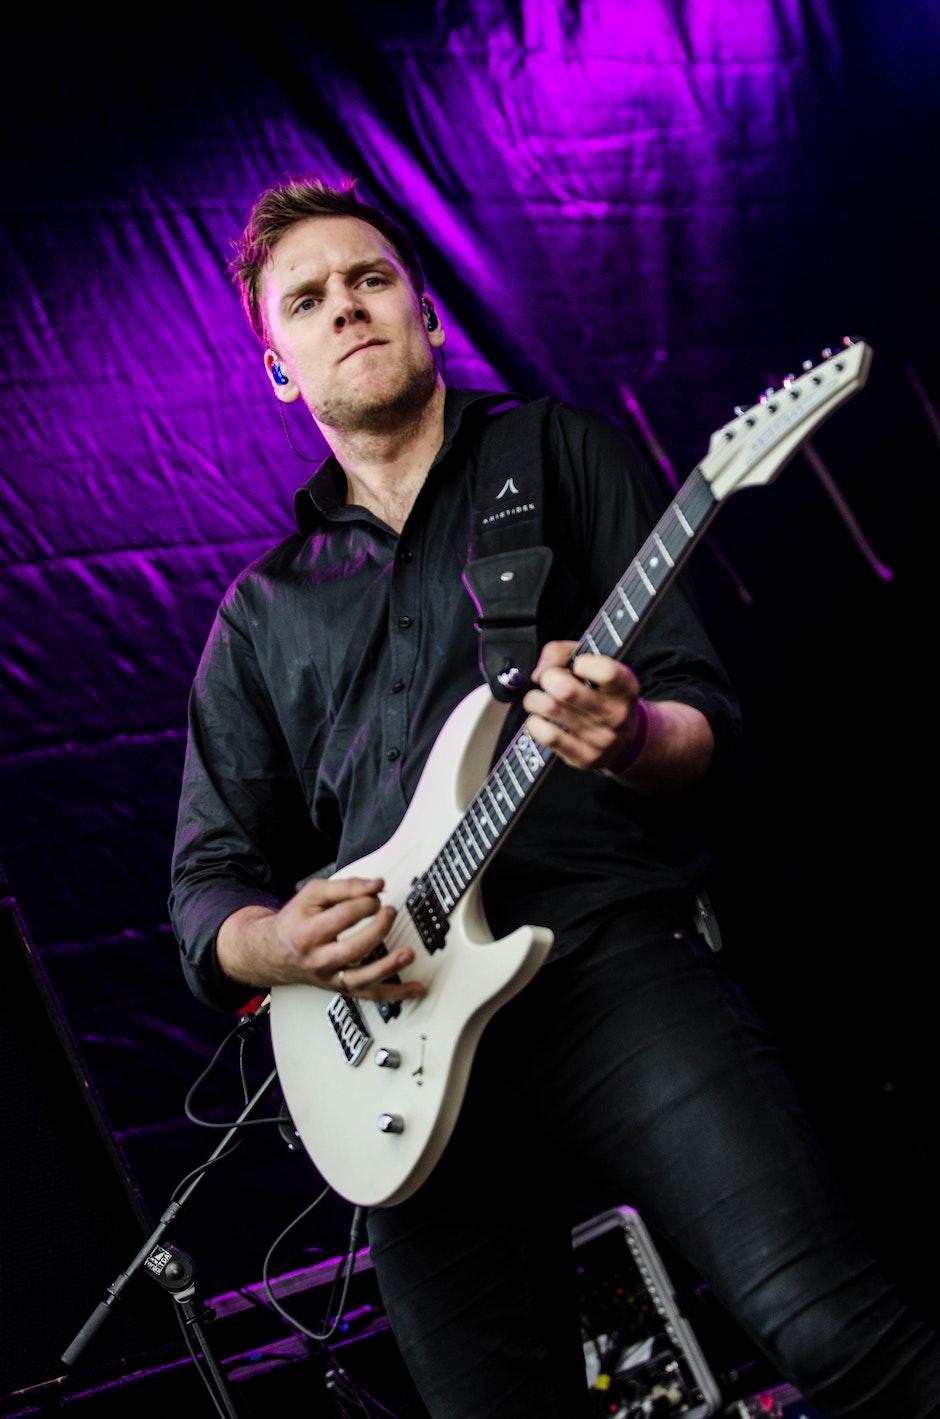 Man in Black Dress Shirt Playing Guitar